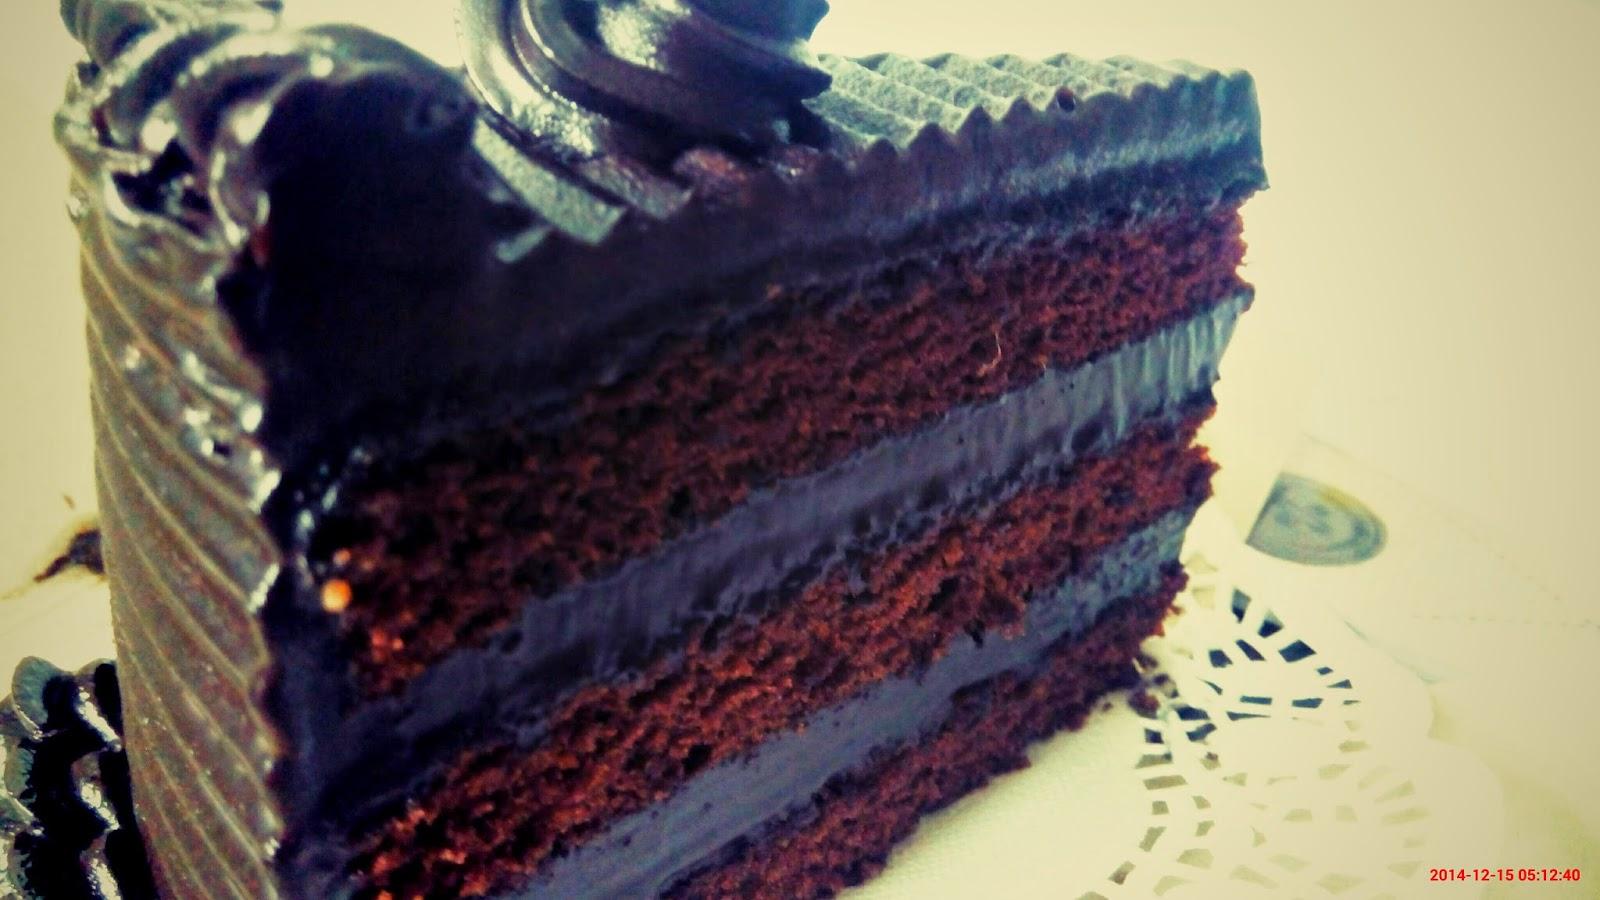 magnifique cakes